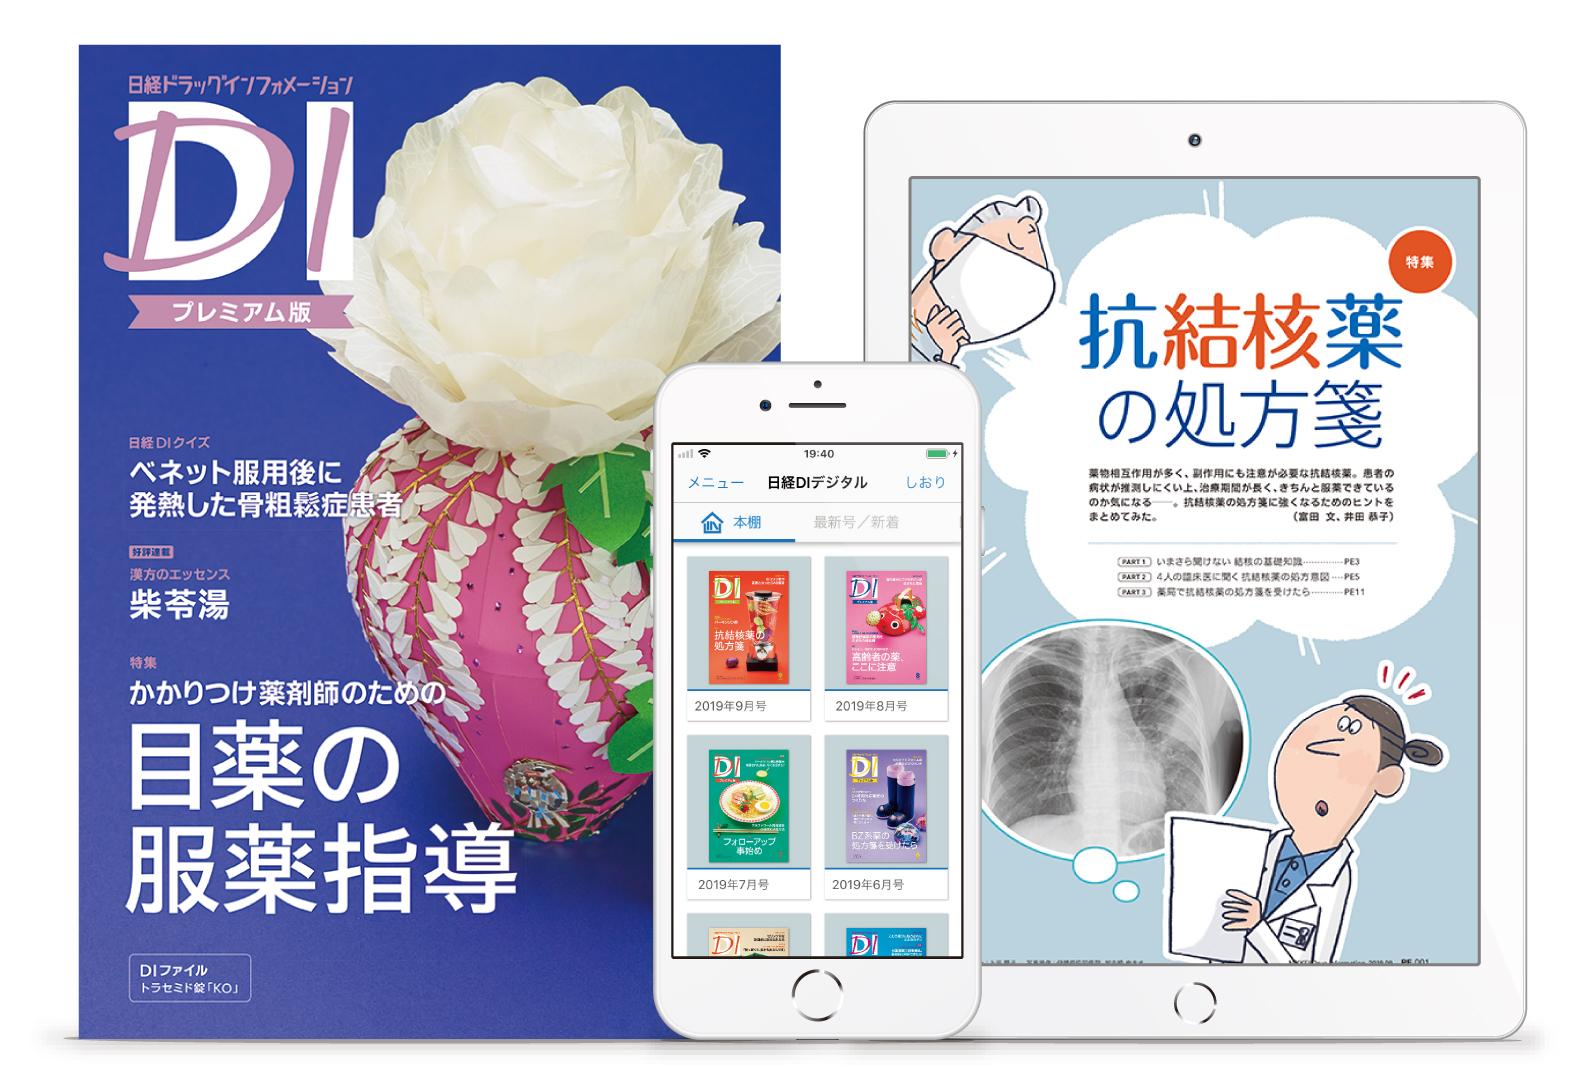 日経DIプレミアム版 デジタルセット